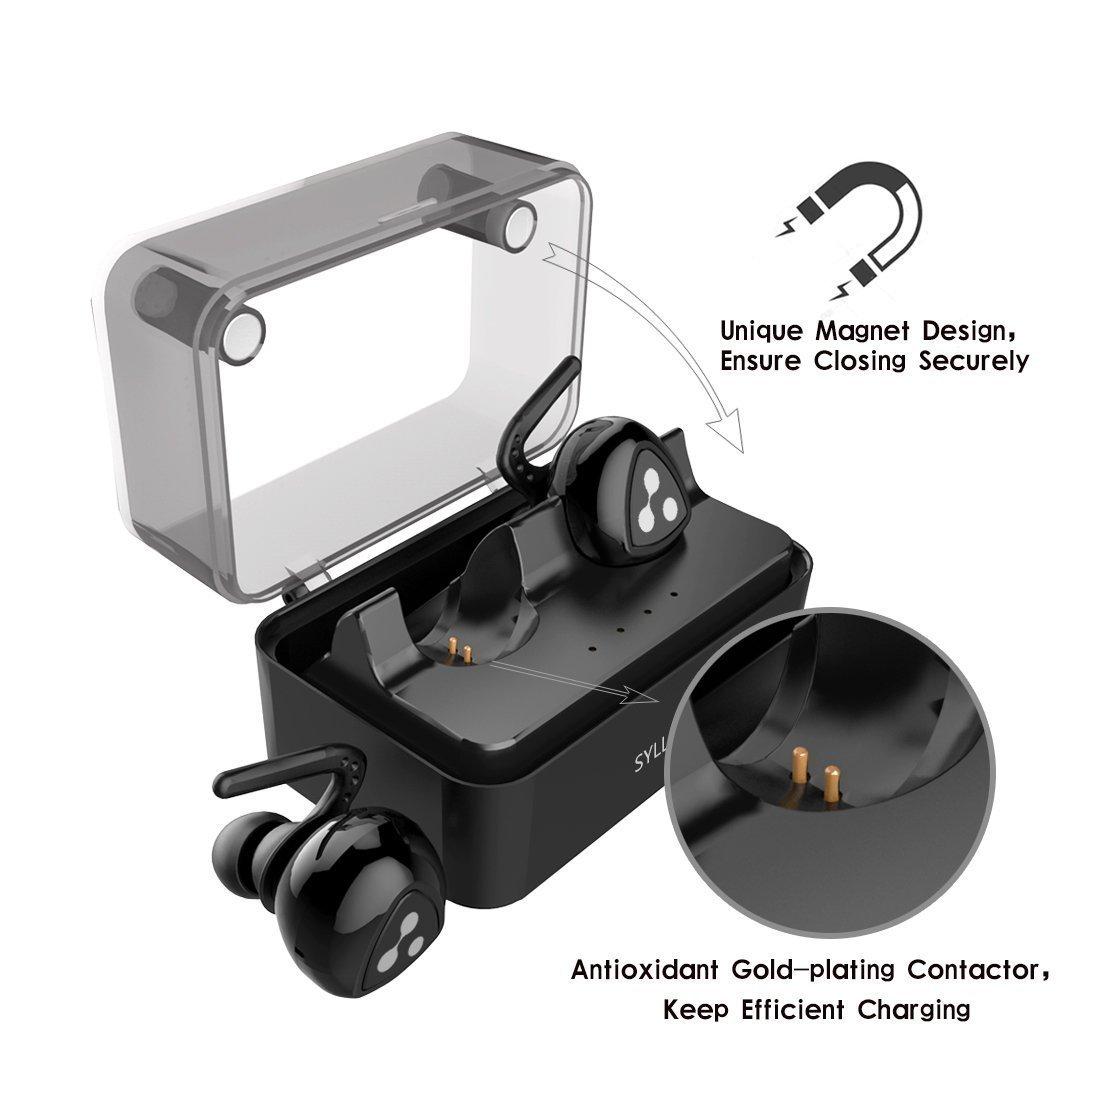 Oferta auriculares bluetooth Syllable D900 Mini sin cable por 19 euros (Cupón Descuento) 1 syllable d900